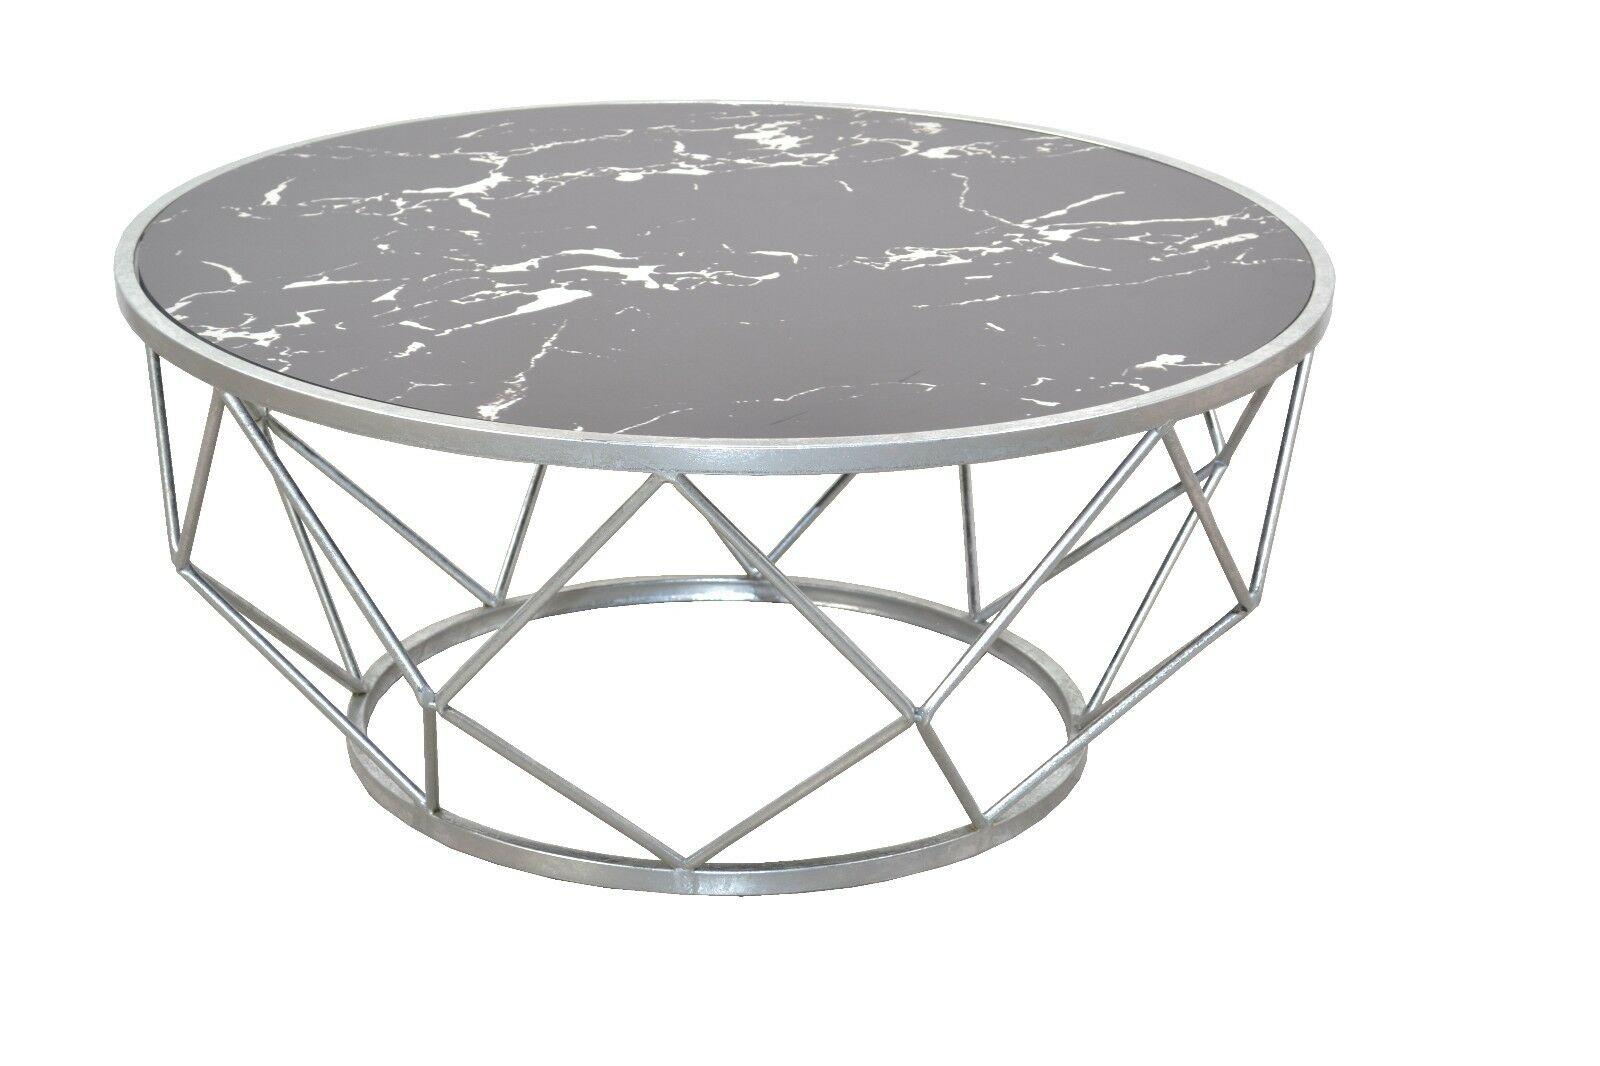 Moderner Couchtisch Silber Marmorfolie Design Wohnzimmertisch Edler